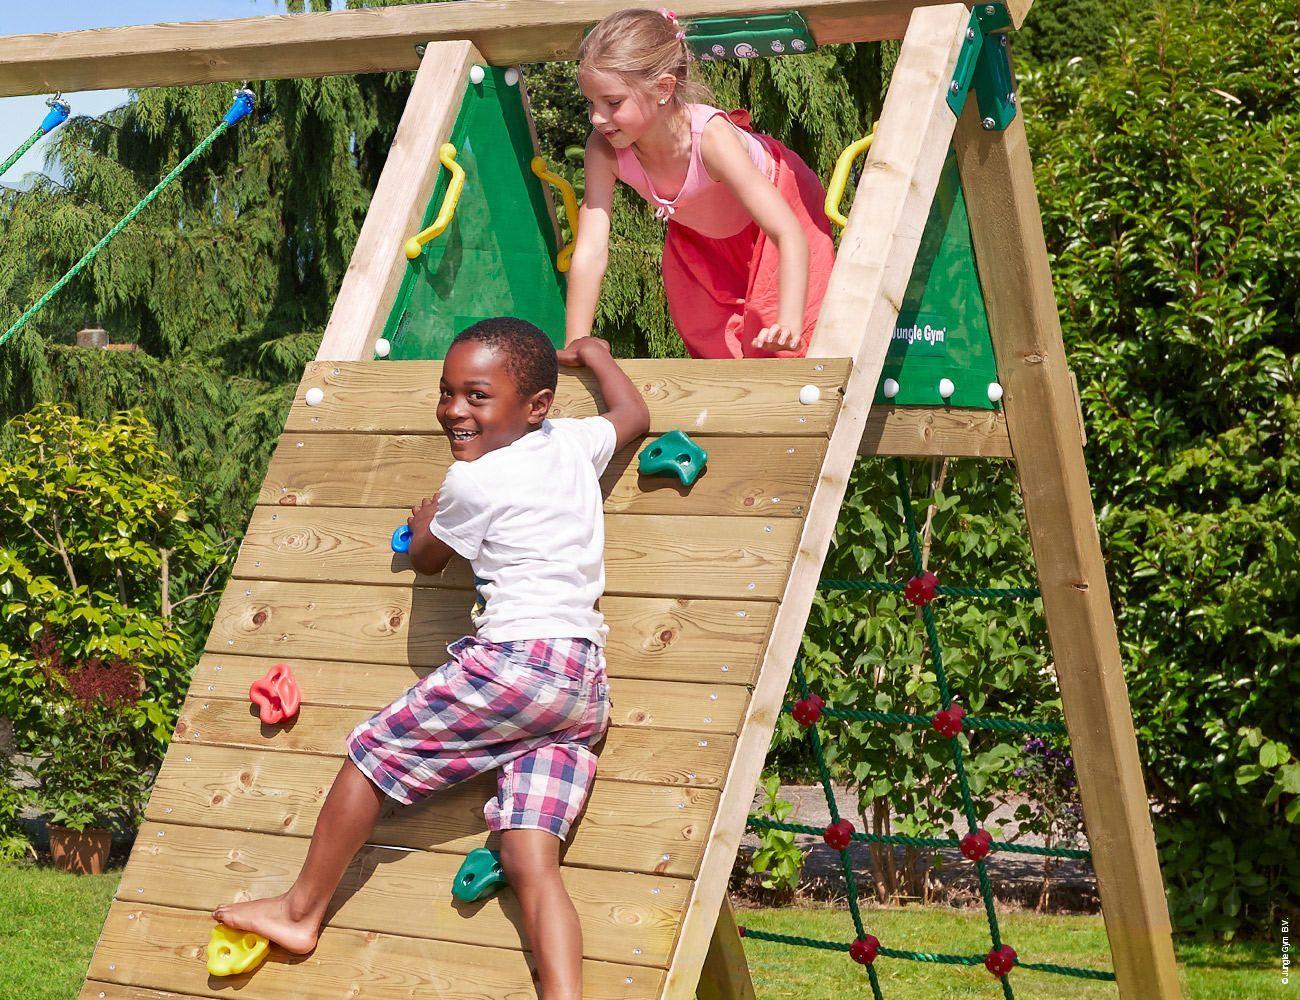 Klettergerust Garten Tower Climb Playset Outdoor Backyard Play Wooden Climbing Frame